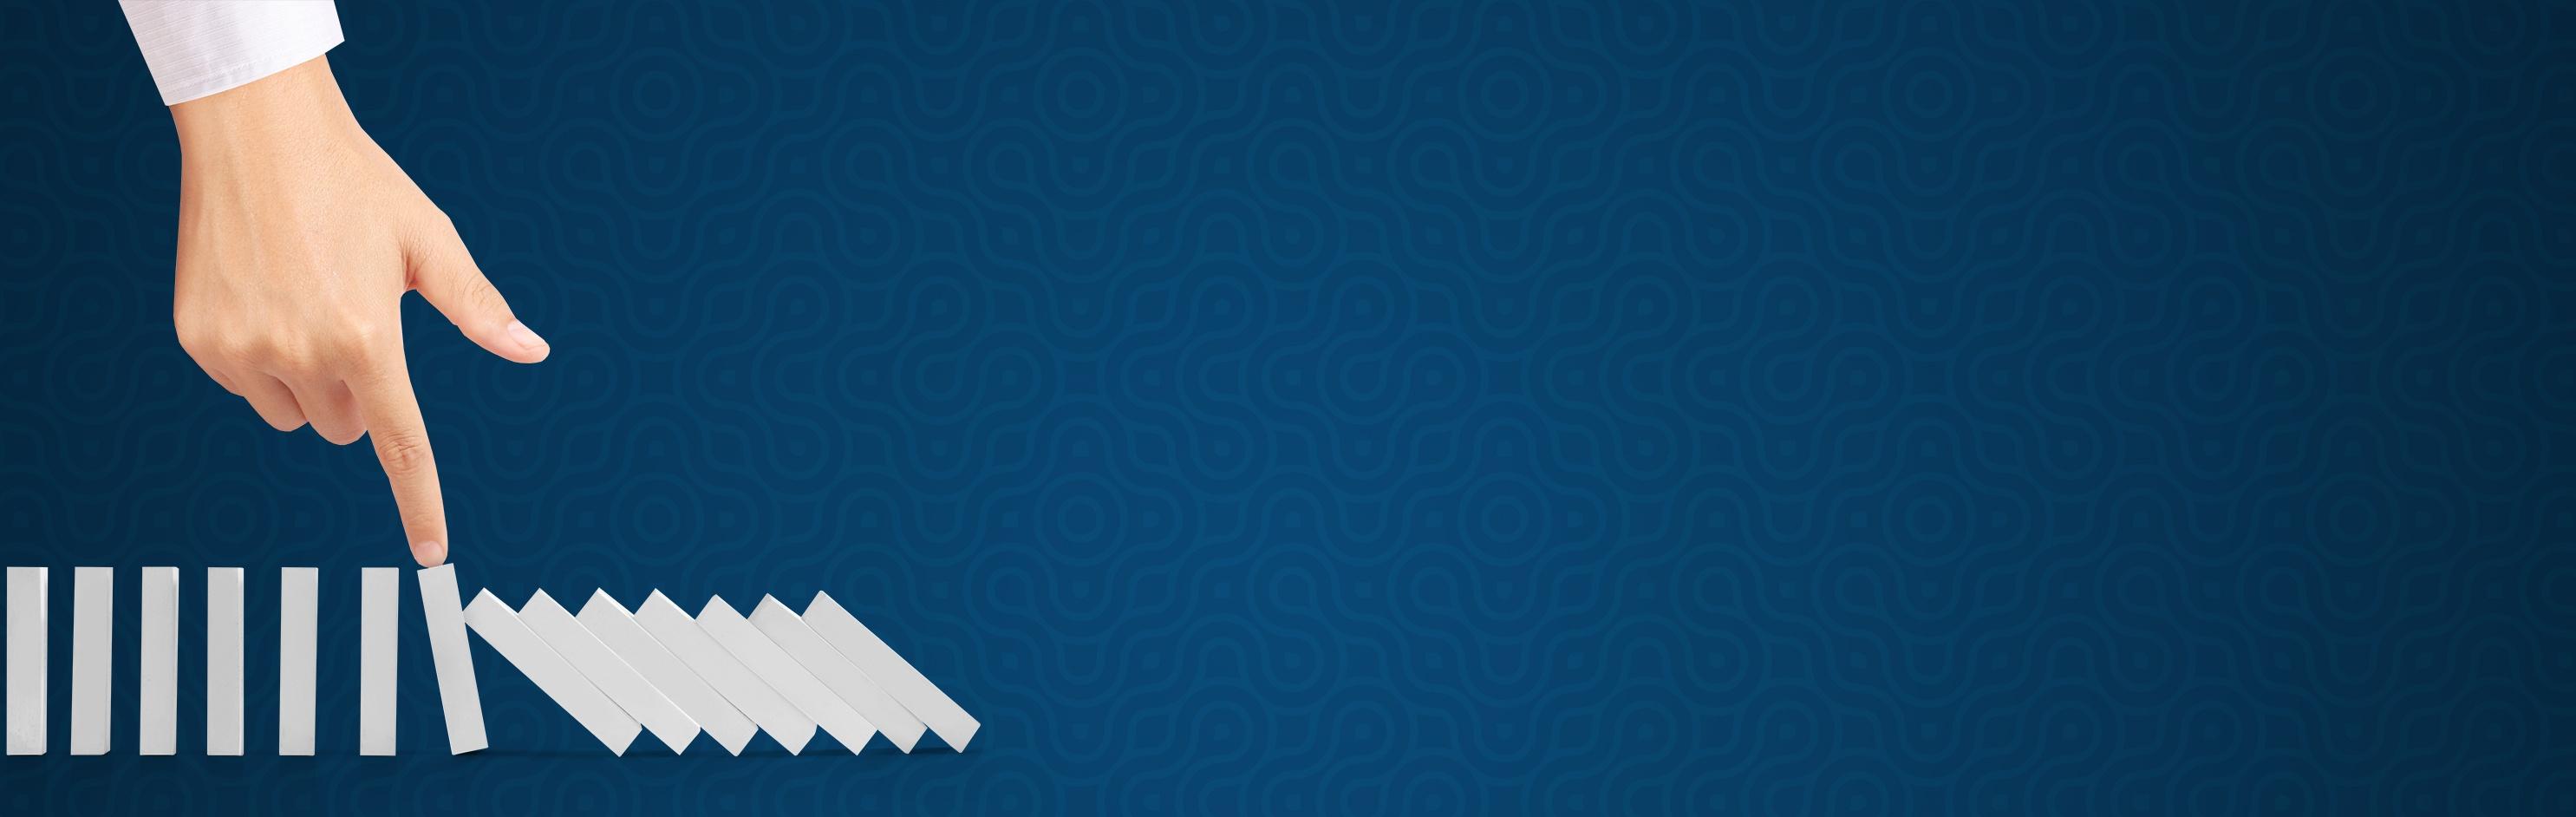 Homepage-Banner-Dominos.jpg